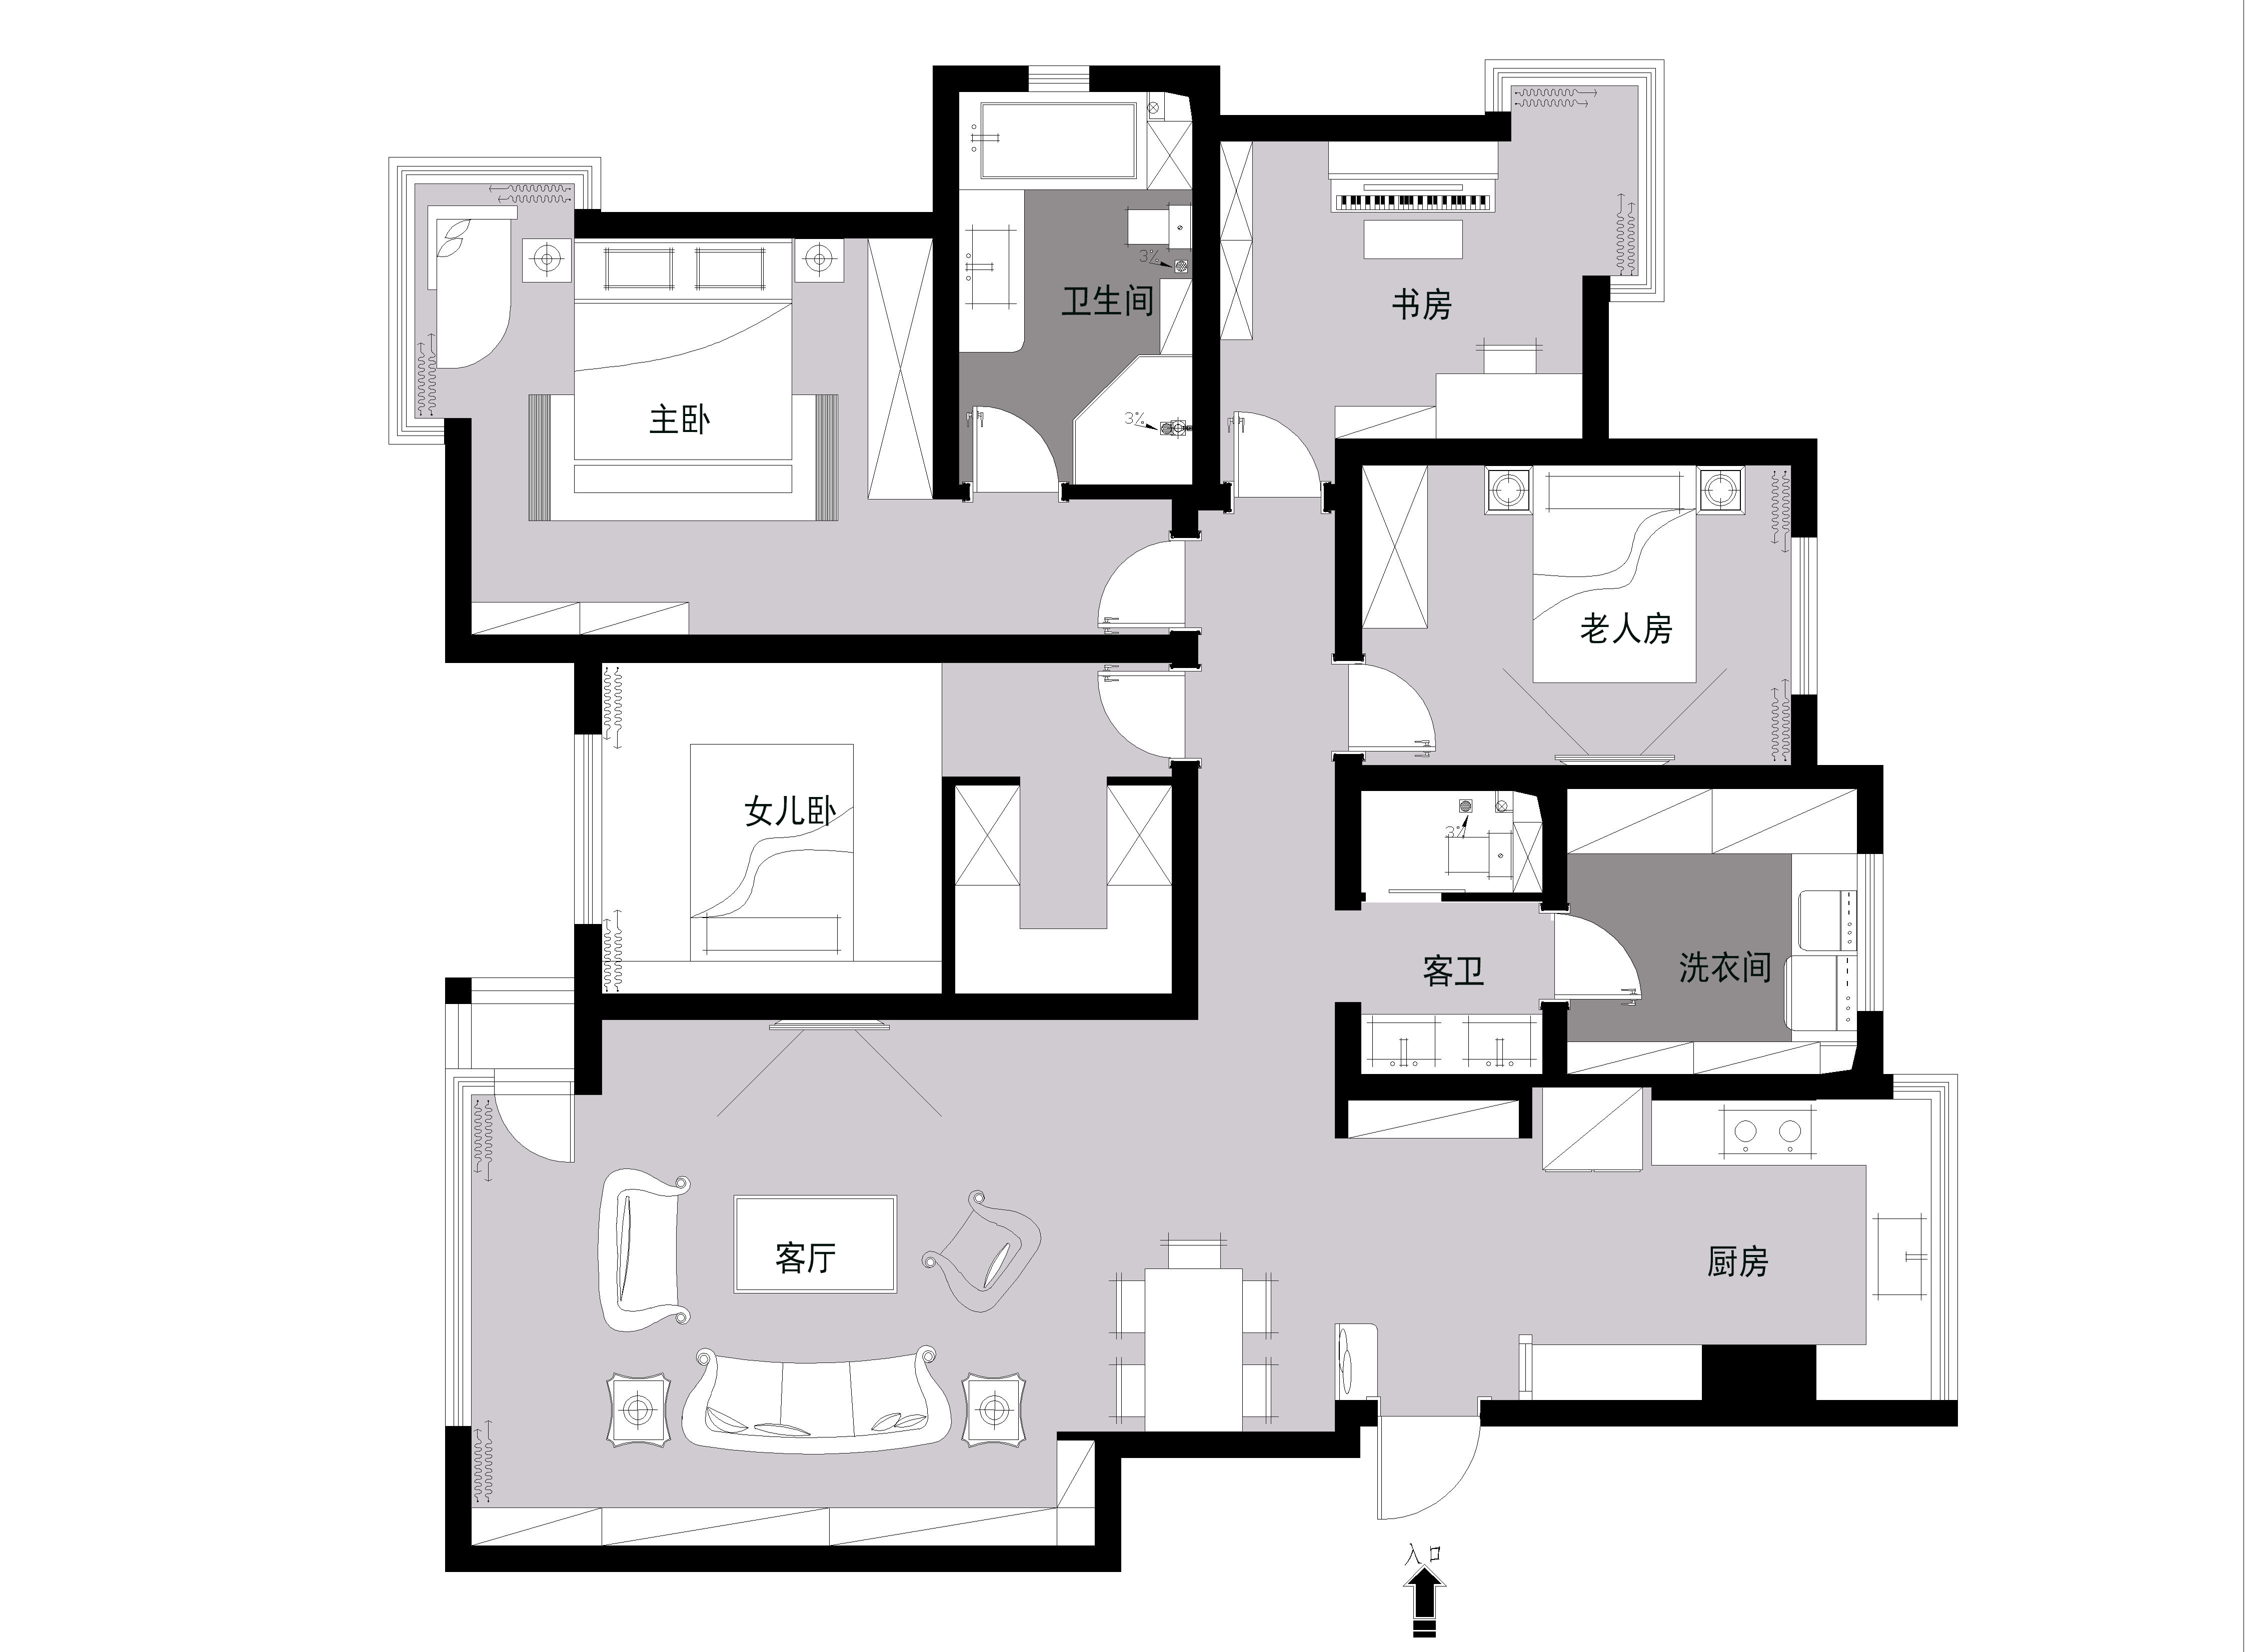 依云北郡143平米现代风格装修效果图装修设计理念